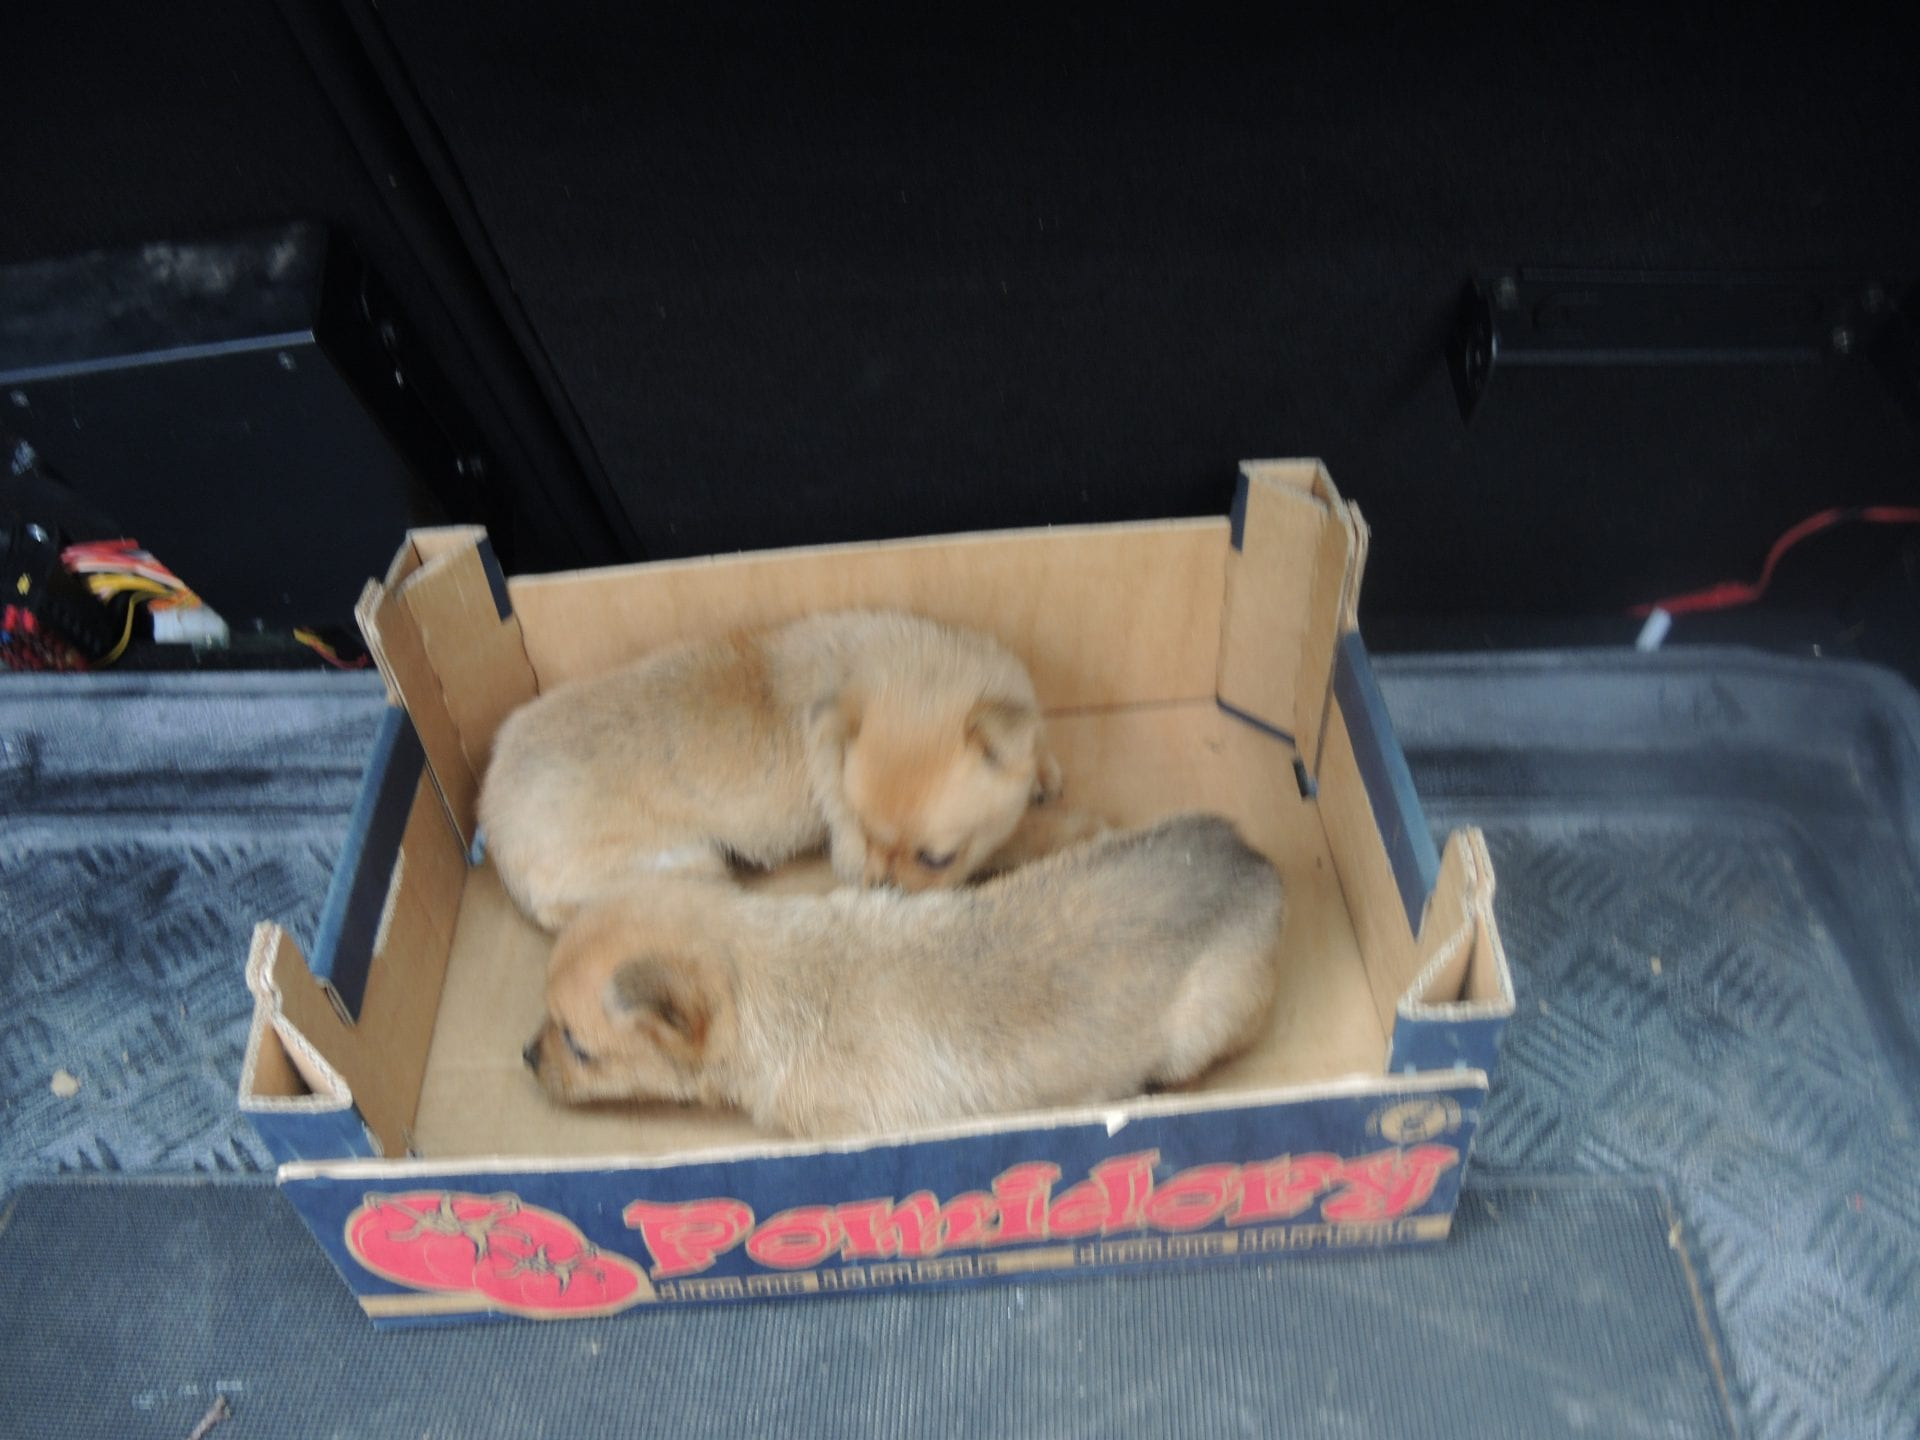 Poszukujemy właściciela szczeniaków